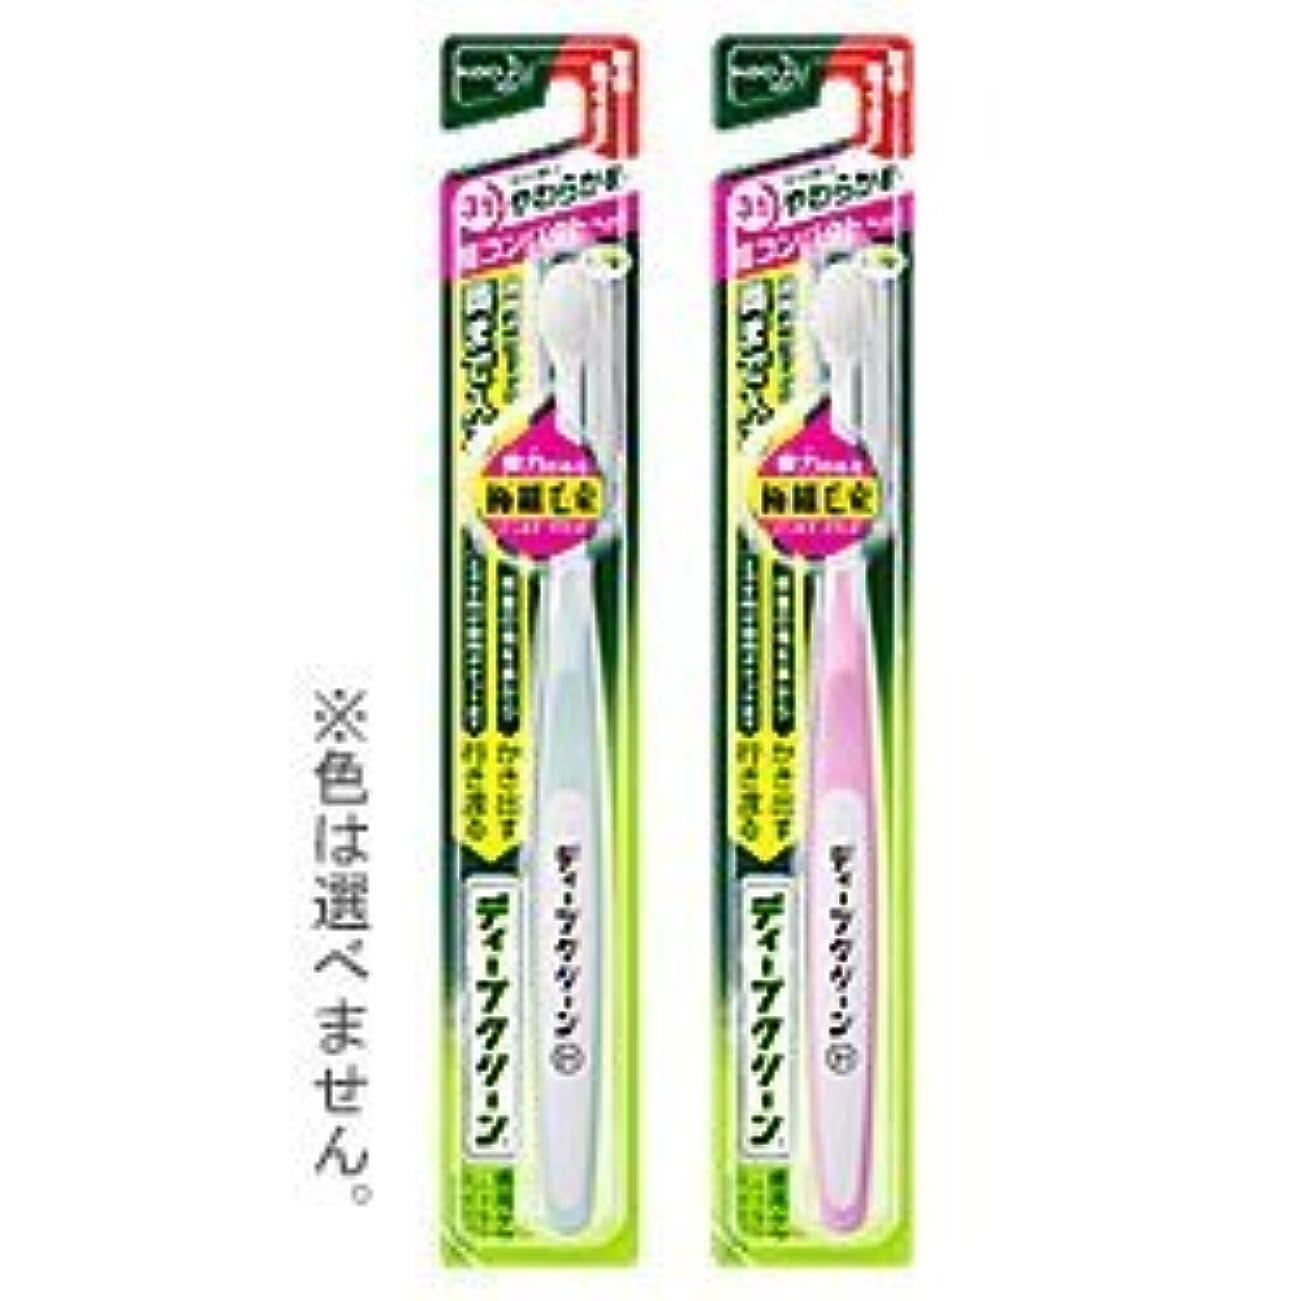 【花王】ディープクリーン ハブラシ 超コンパクトやわらかめ 1本 ×10個セット